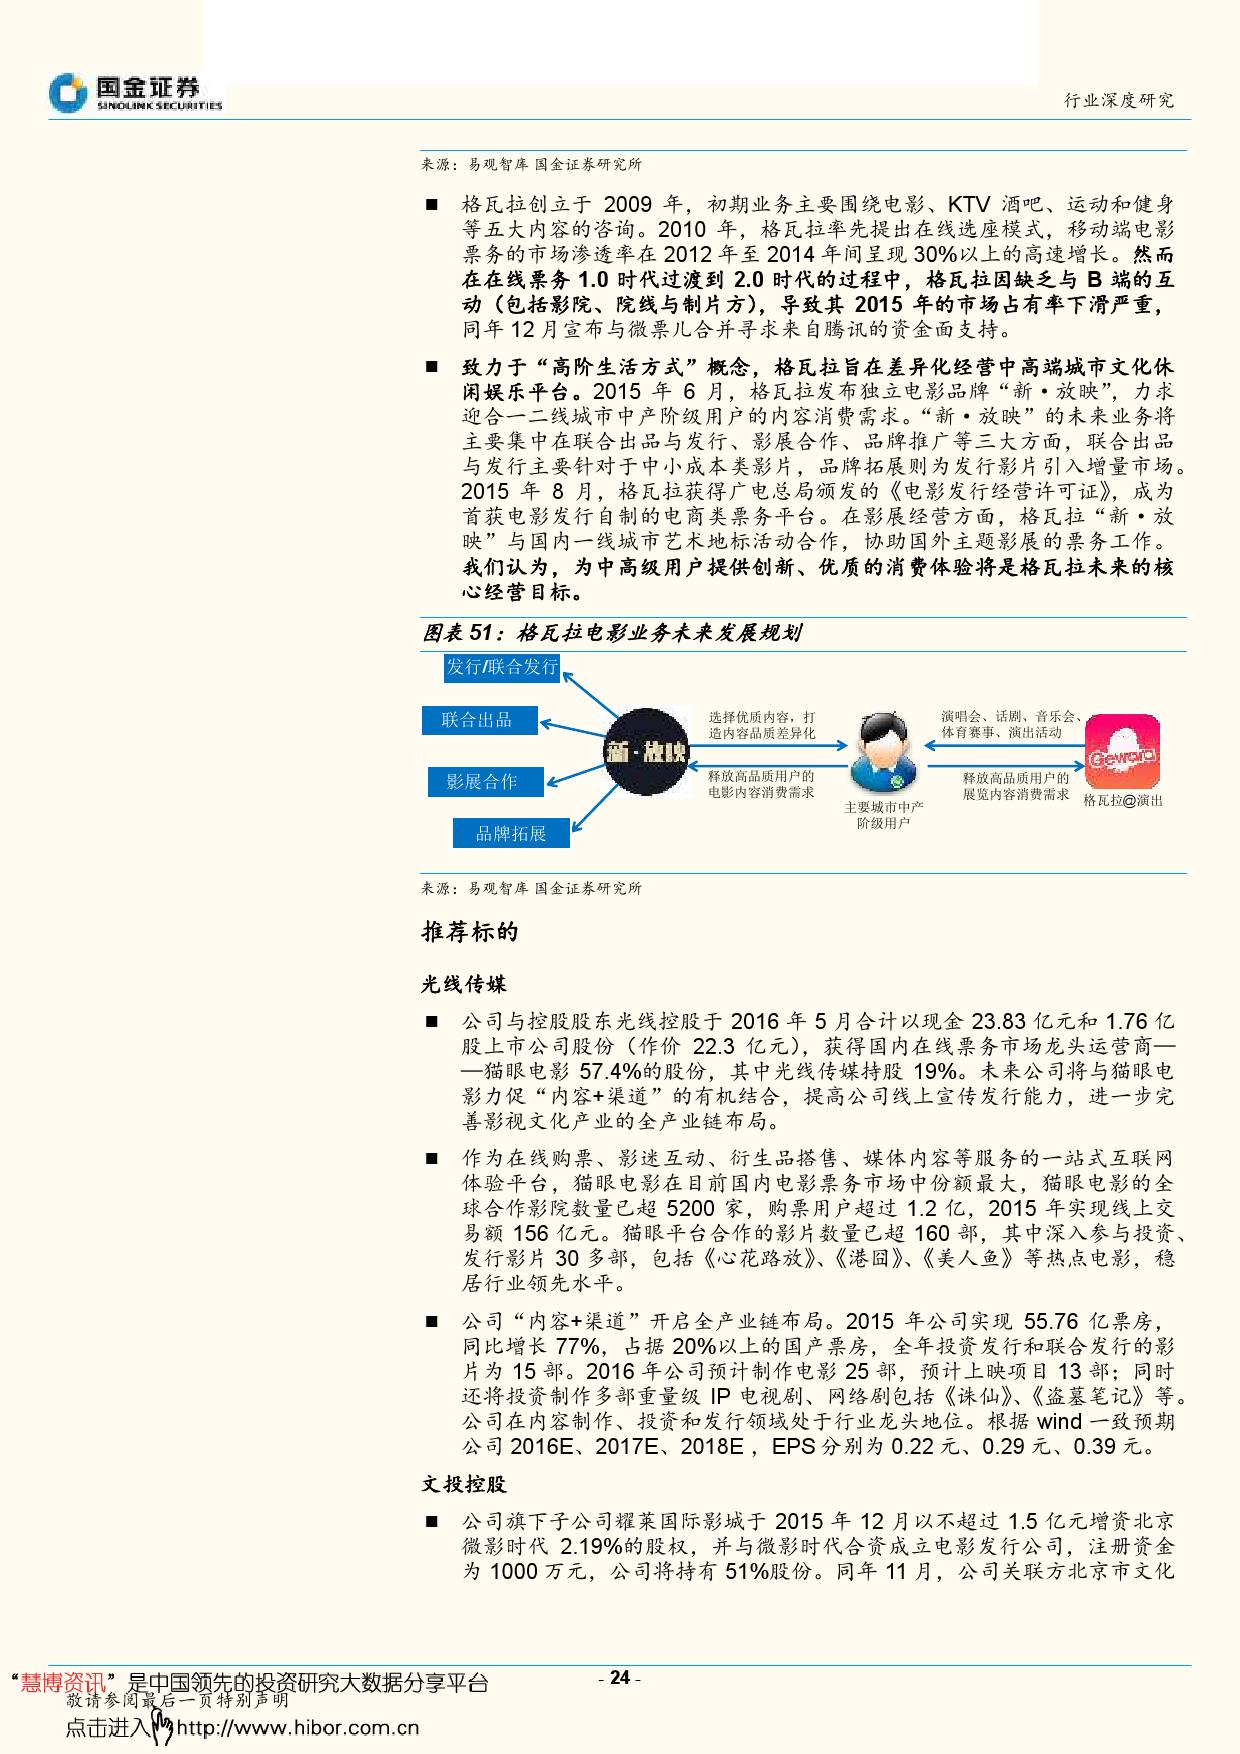 传媒互联网行业 在线票务深度报告_000024